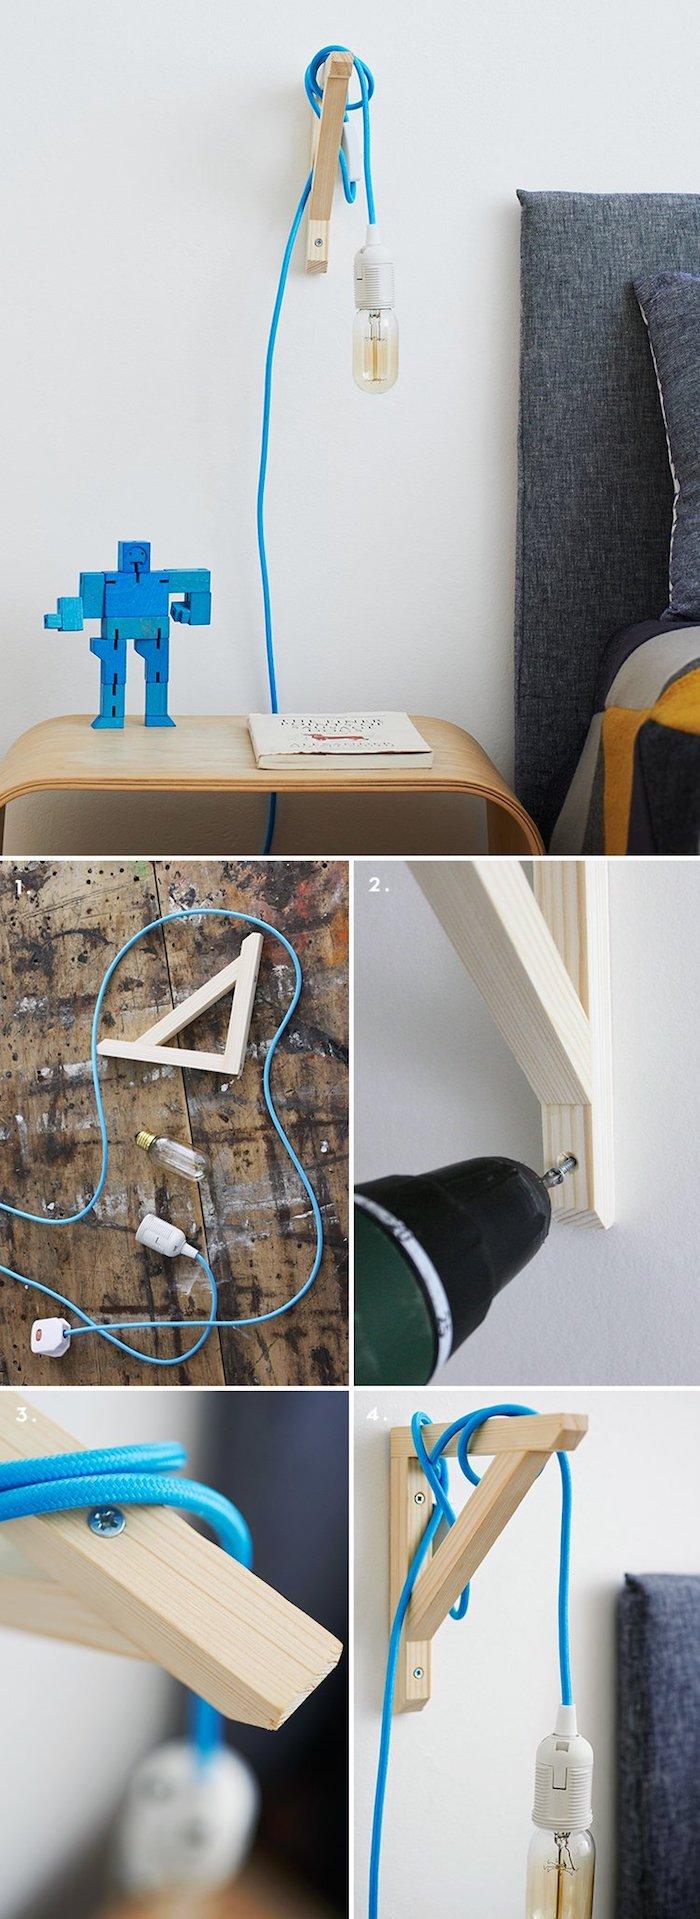 deco a faire soi meme, ampoule avec corde électrique en bleu foncé, figurine minecraft en bois bleu